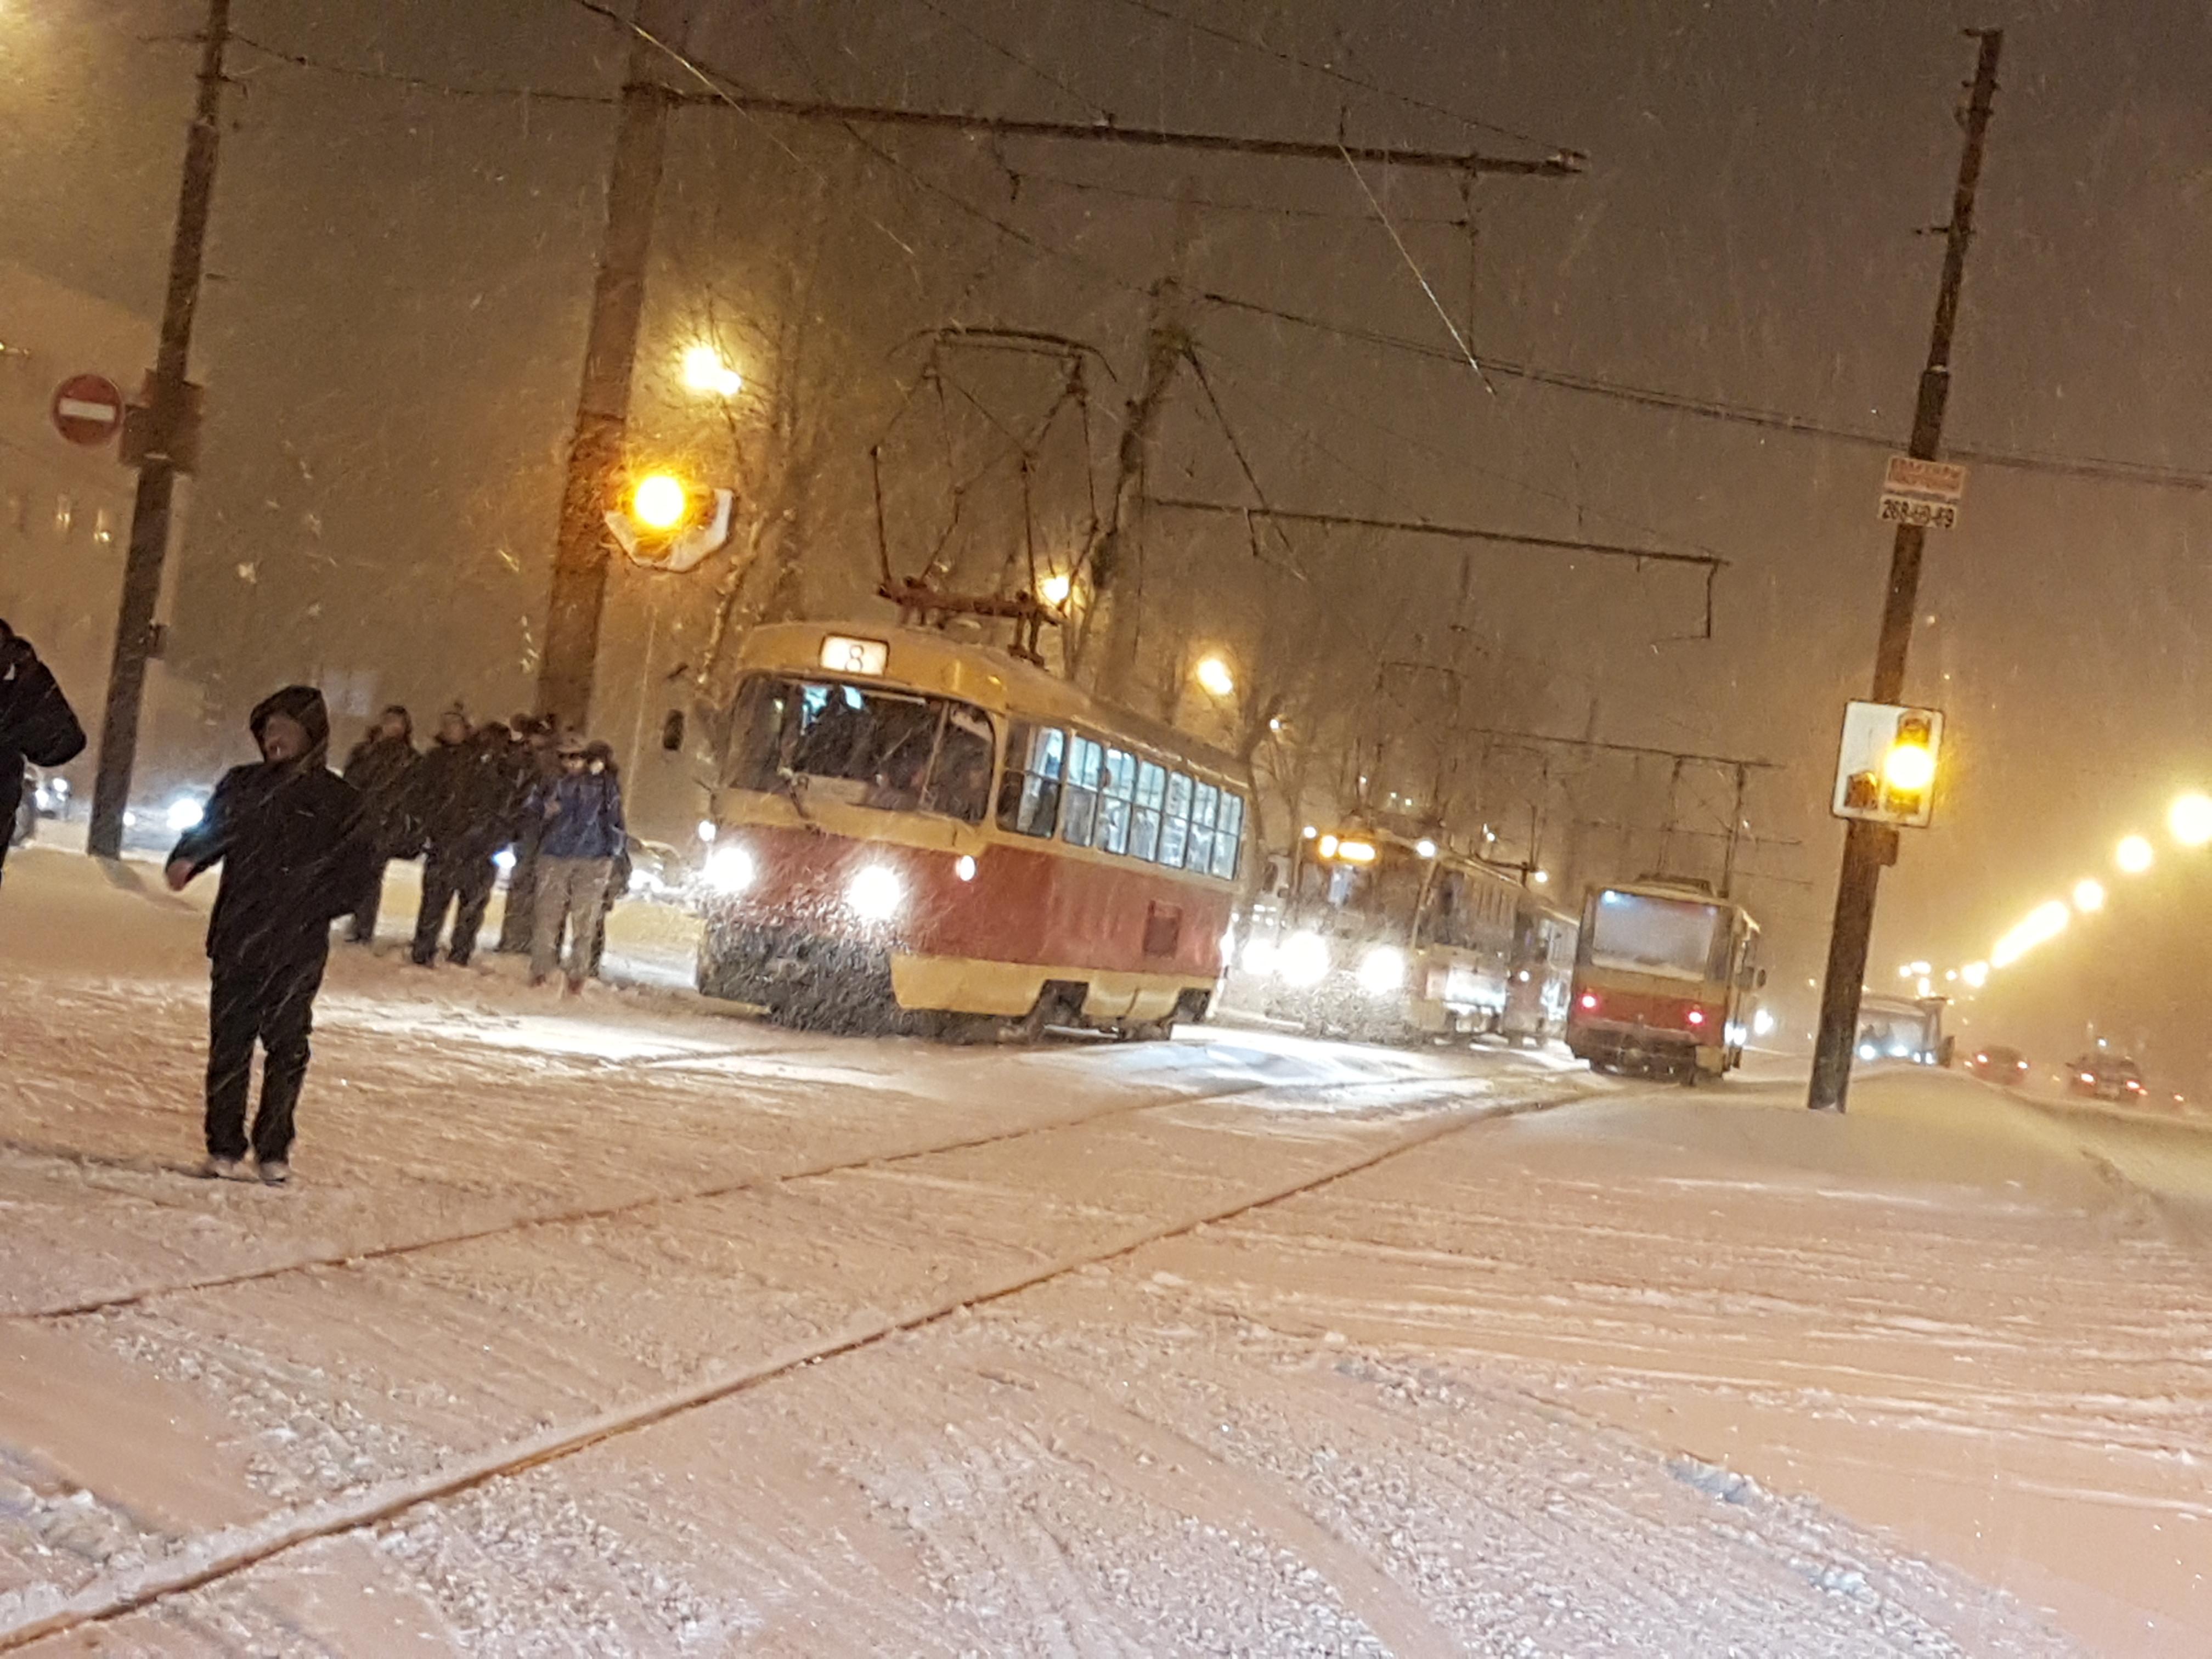 Трамваи встали: снегопад и ДТП парализовали движение на проспекте Космонавтов в Екатеринбурге